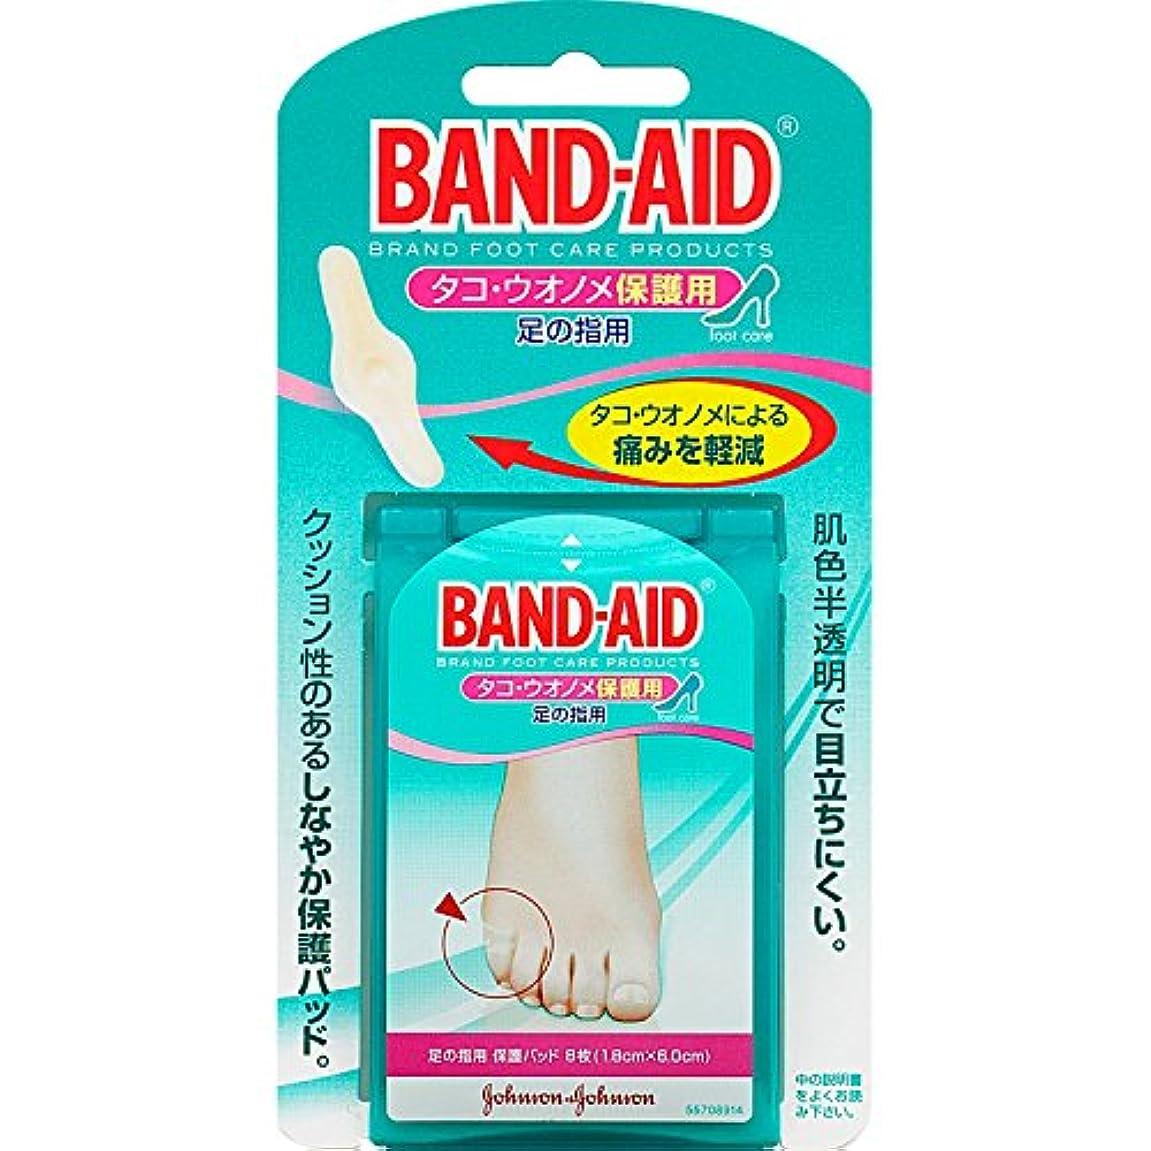 暖炉しなやかな愛BAND-AID(バンドエイド) タコ?ウオノメ保護用 足の指用 8枚